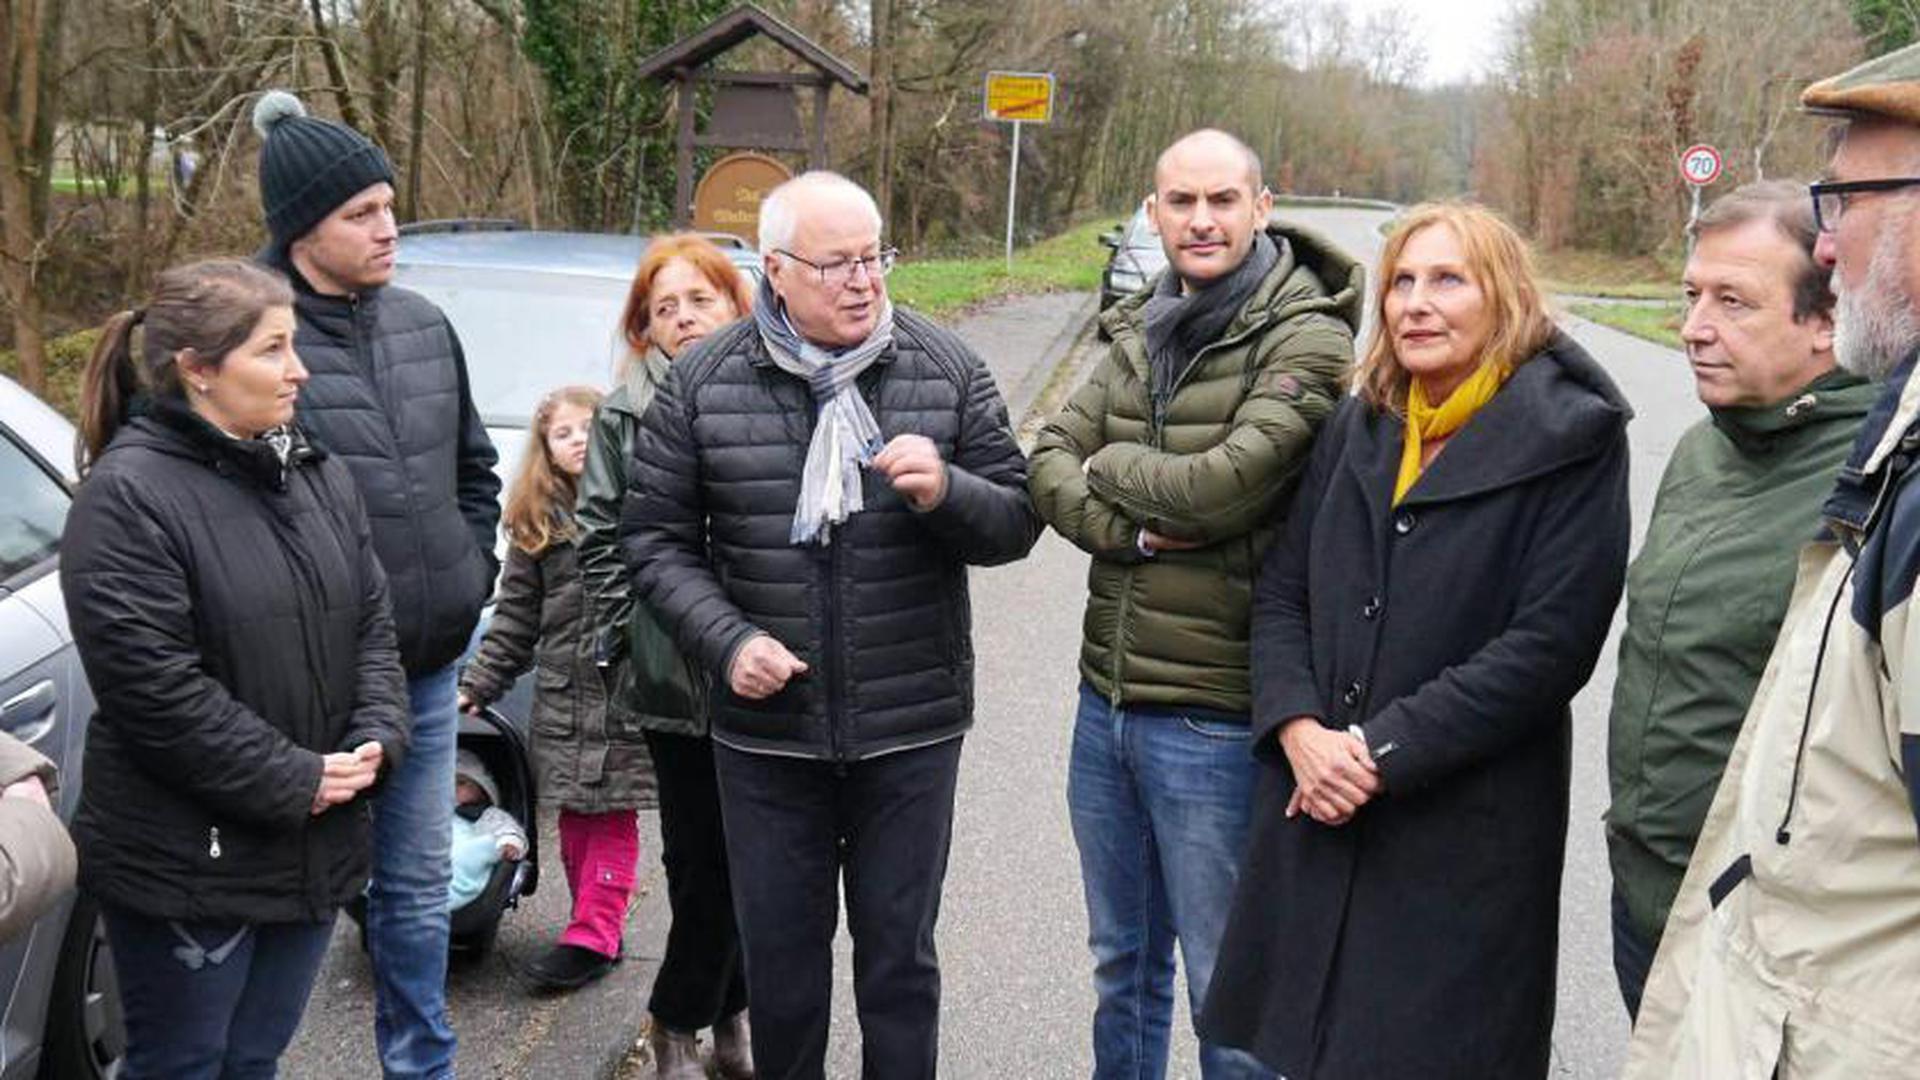 Anwohner hoffen auf Hilfe: Bürgermeister Tony Löffler (Mitte) erläutert mögliche Maßnahmen gegen den Lärm. Hinter ihm steht Ingrid Ratajczak vom Grünen-Ortsverband, rechts Danyal Bayaz, Andrea Schwarz und Thomas Marwein.